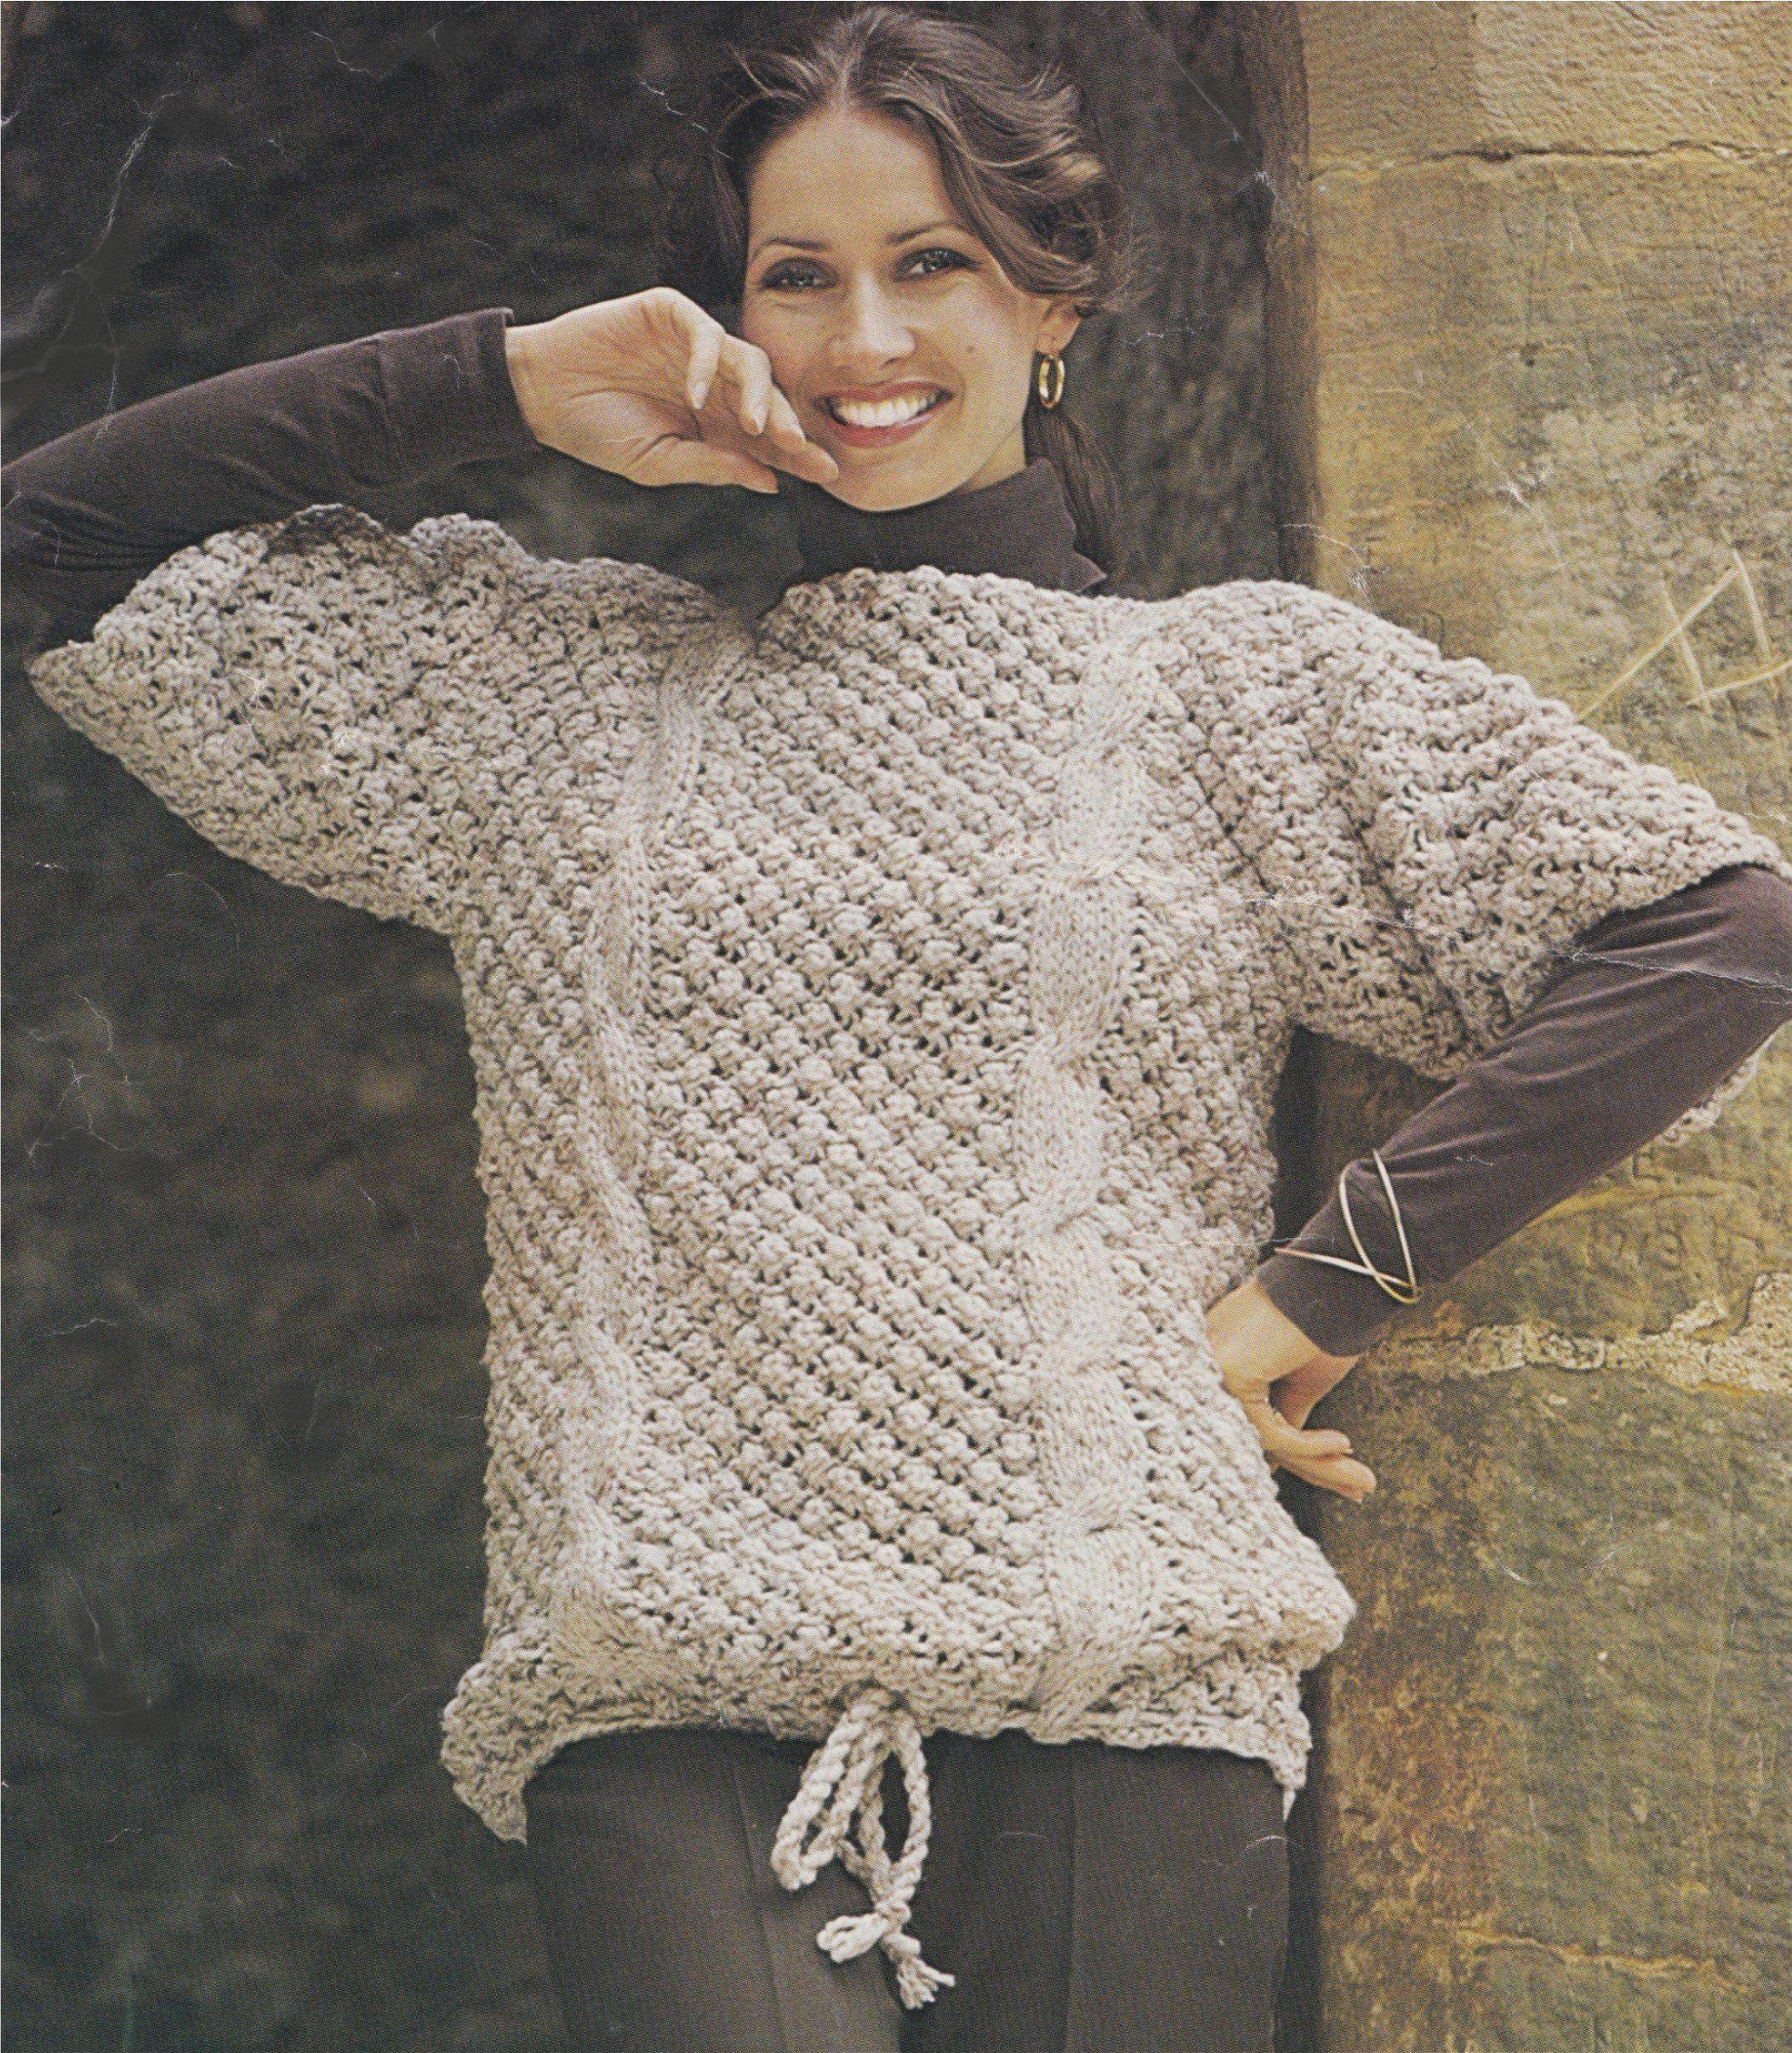 e8e41d2b94b8 Womens Cable and Bramble Stitch Sweater Knitting Pattern PDF Ladies ...